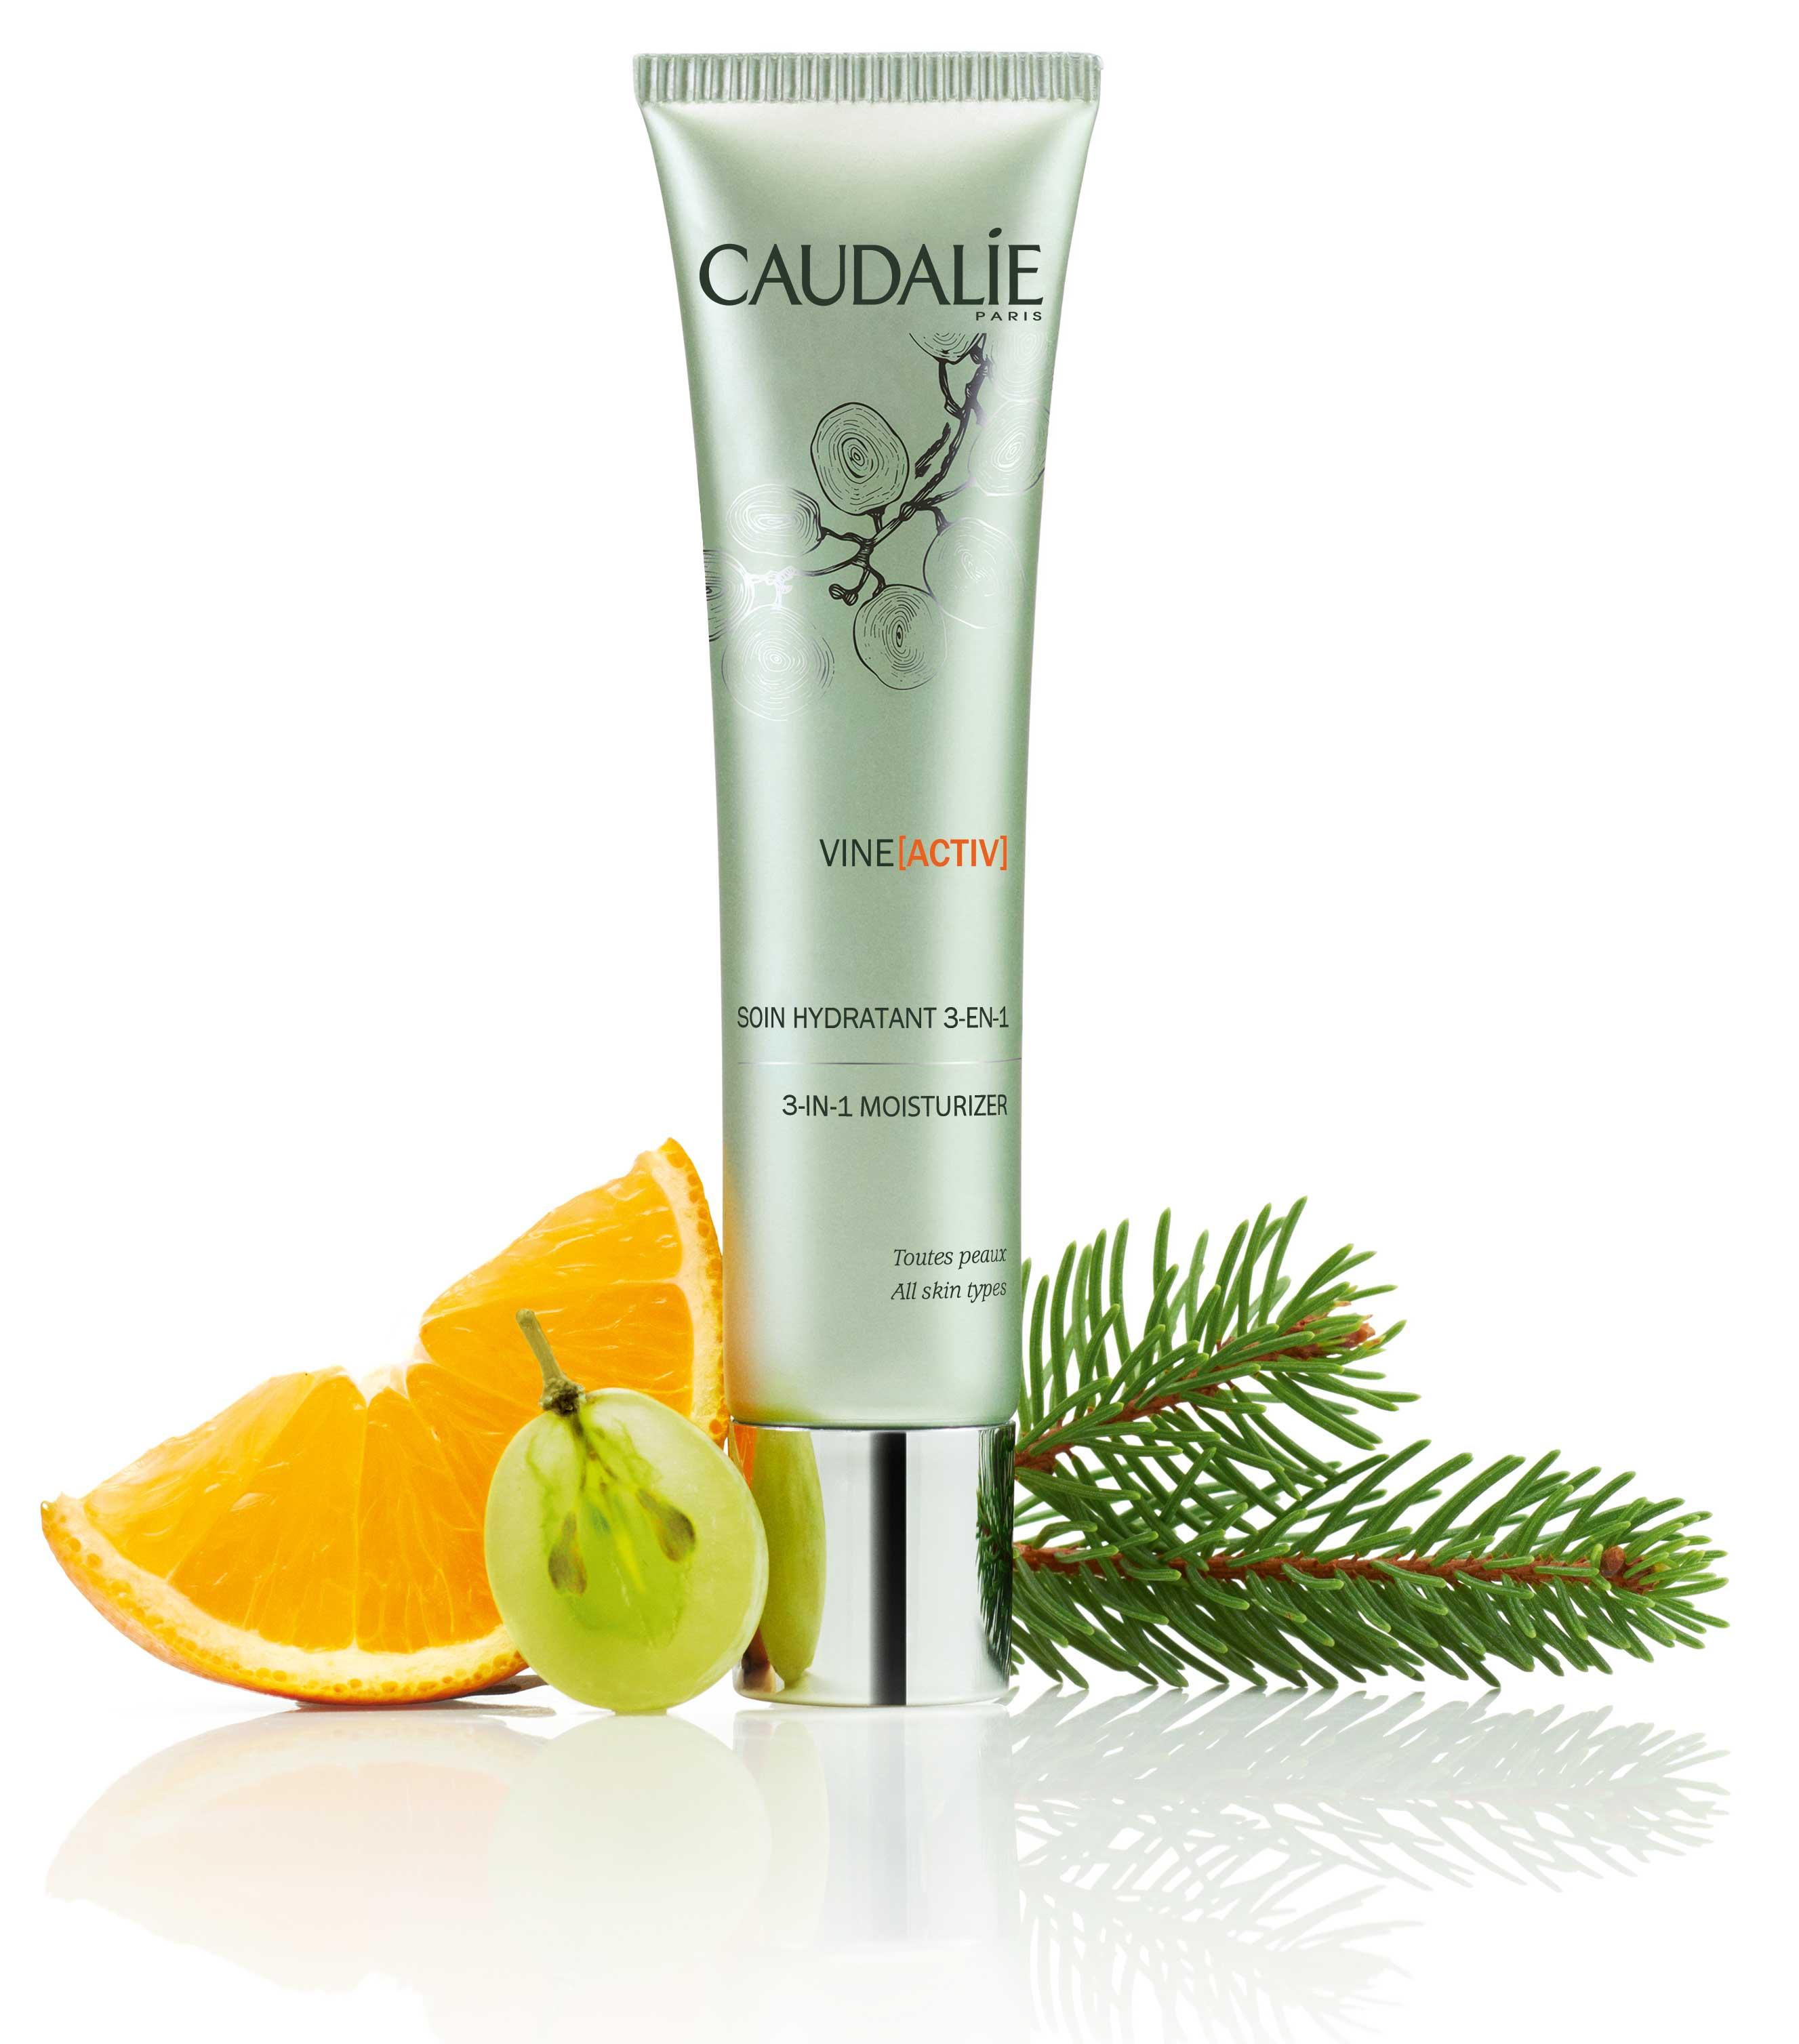 Caudalie-Vineactiv-3-in-1-moisturizer